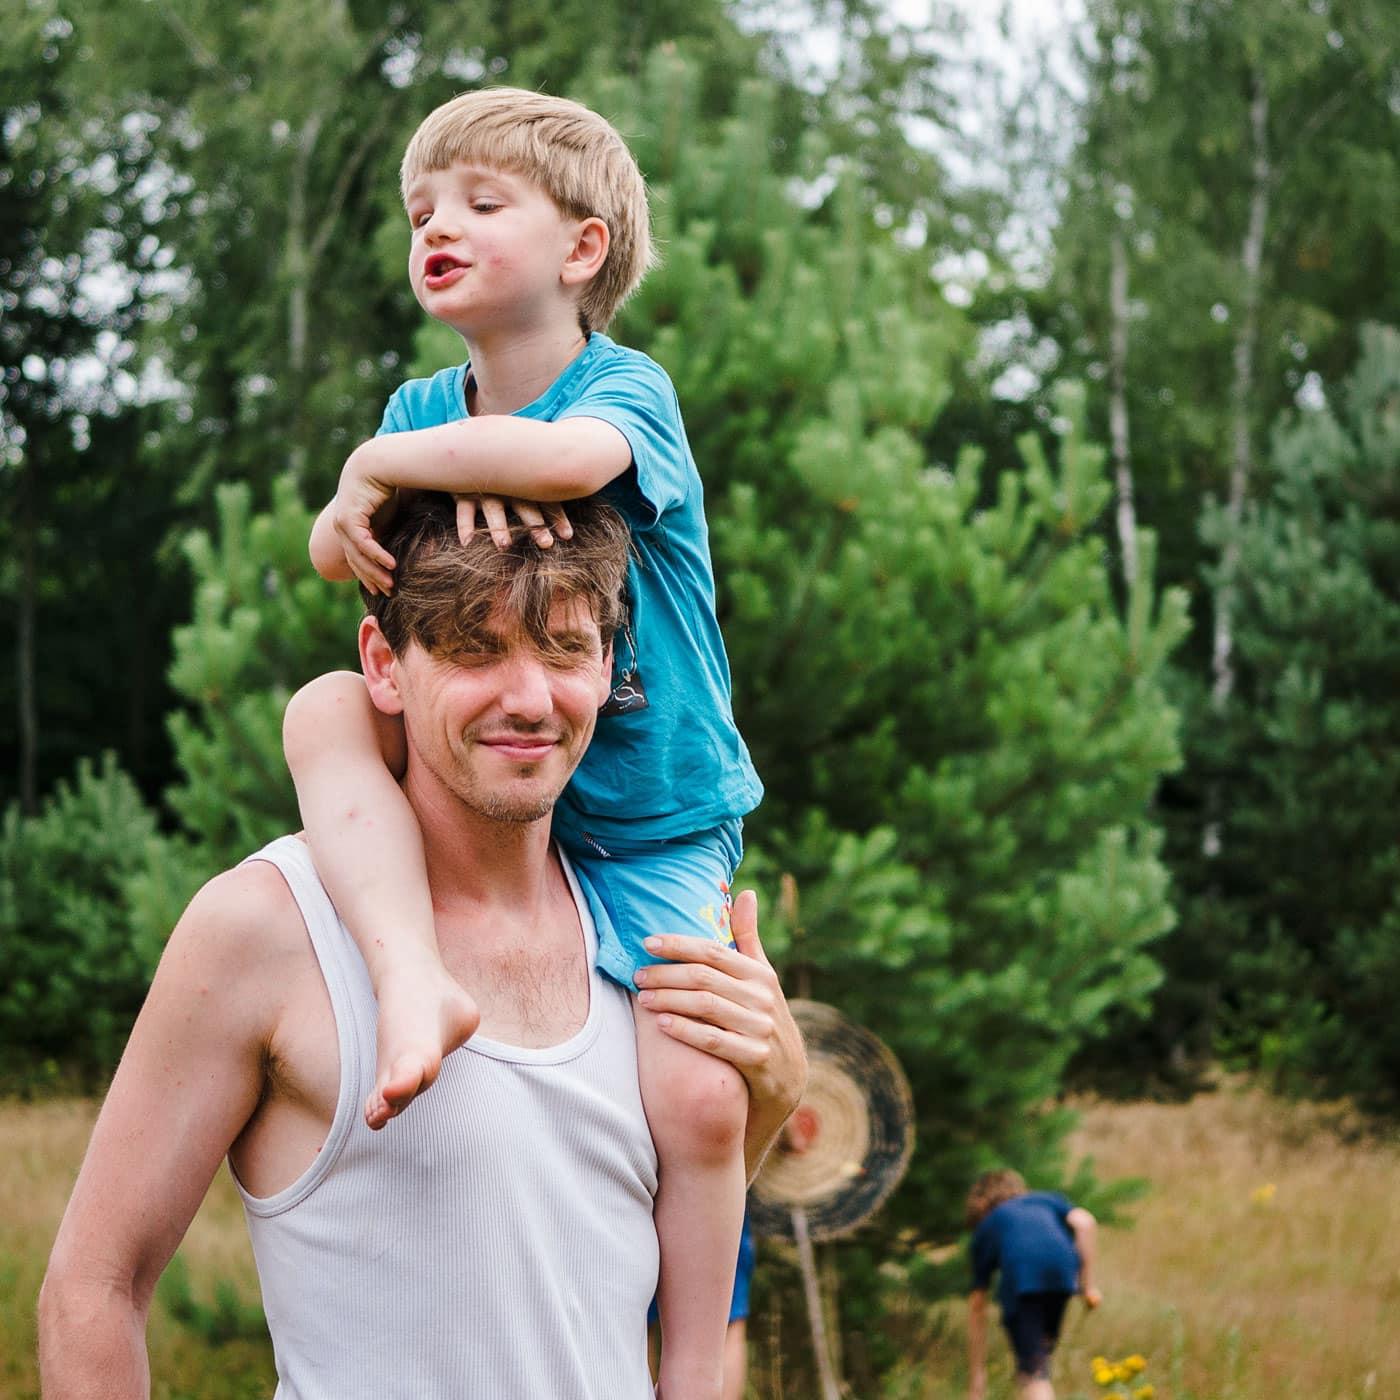 Vater-Kind-Camps in der Natur mit Stadtfrei // HIMBEER